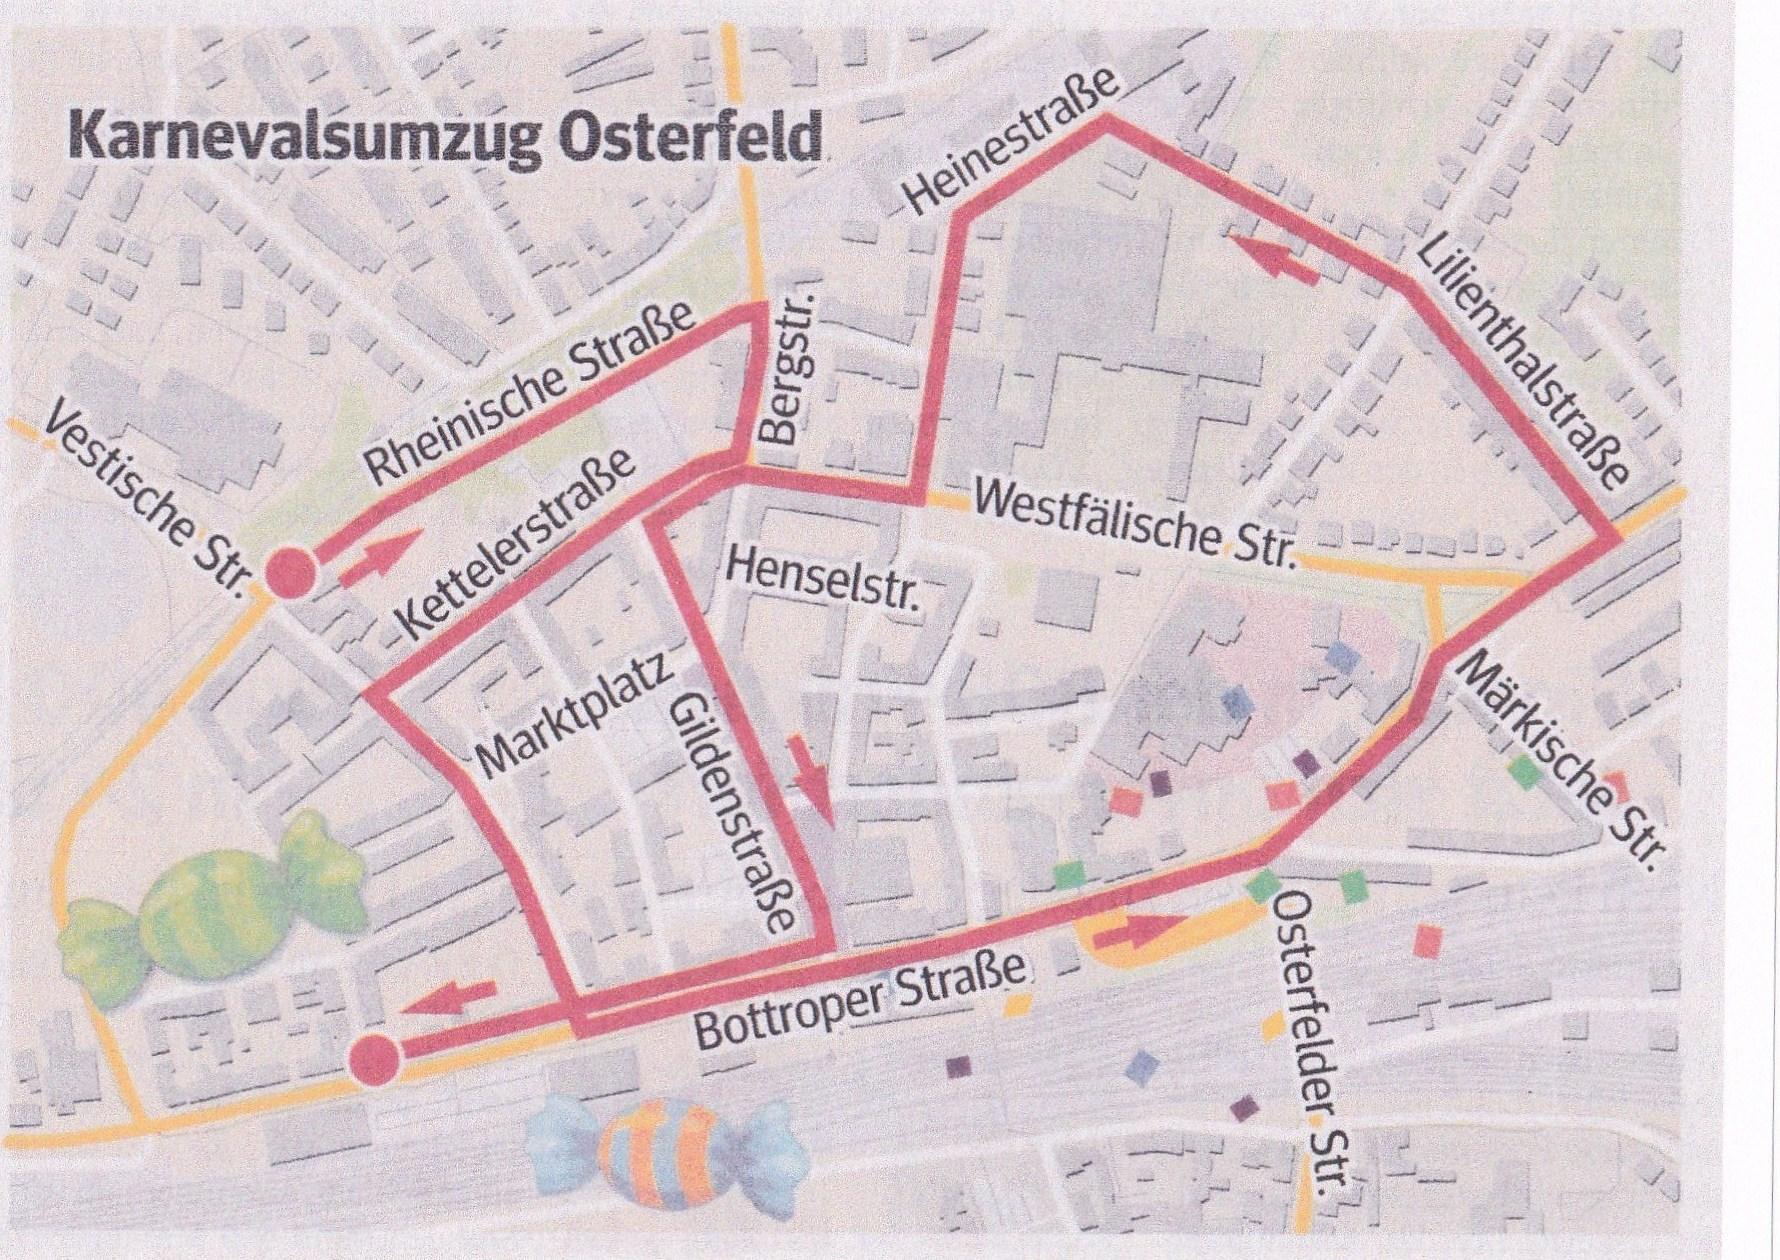 Karnevalszug Osterfeld 2019 - Hier finden sie den Zugplan sowie die Aufstellung des 2019er Karnevalszuges in Osterfeld